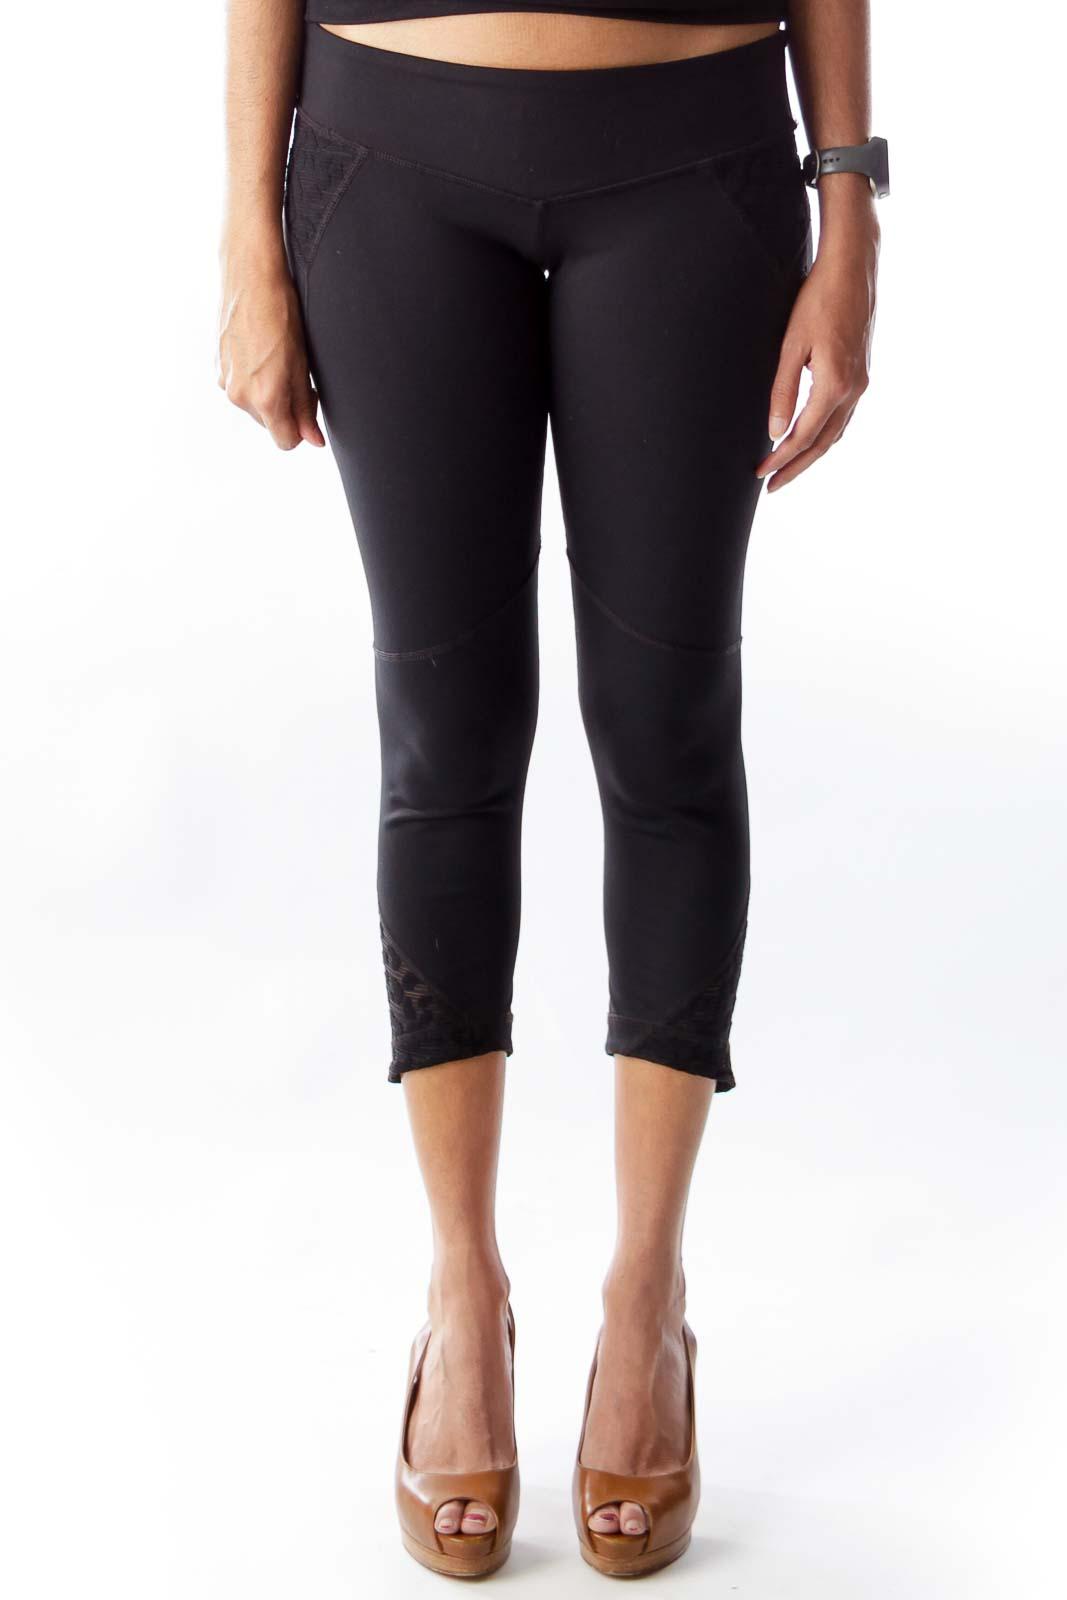 Black Lace Detail Leggings Front